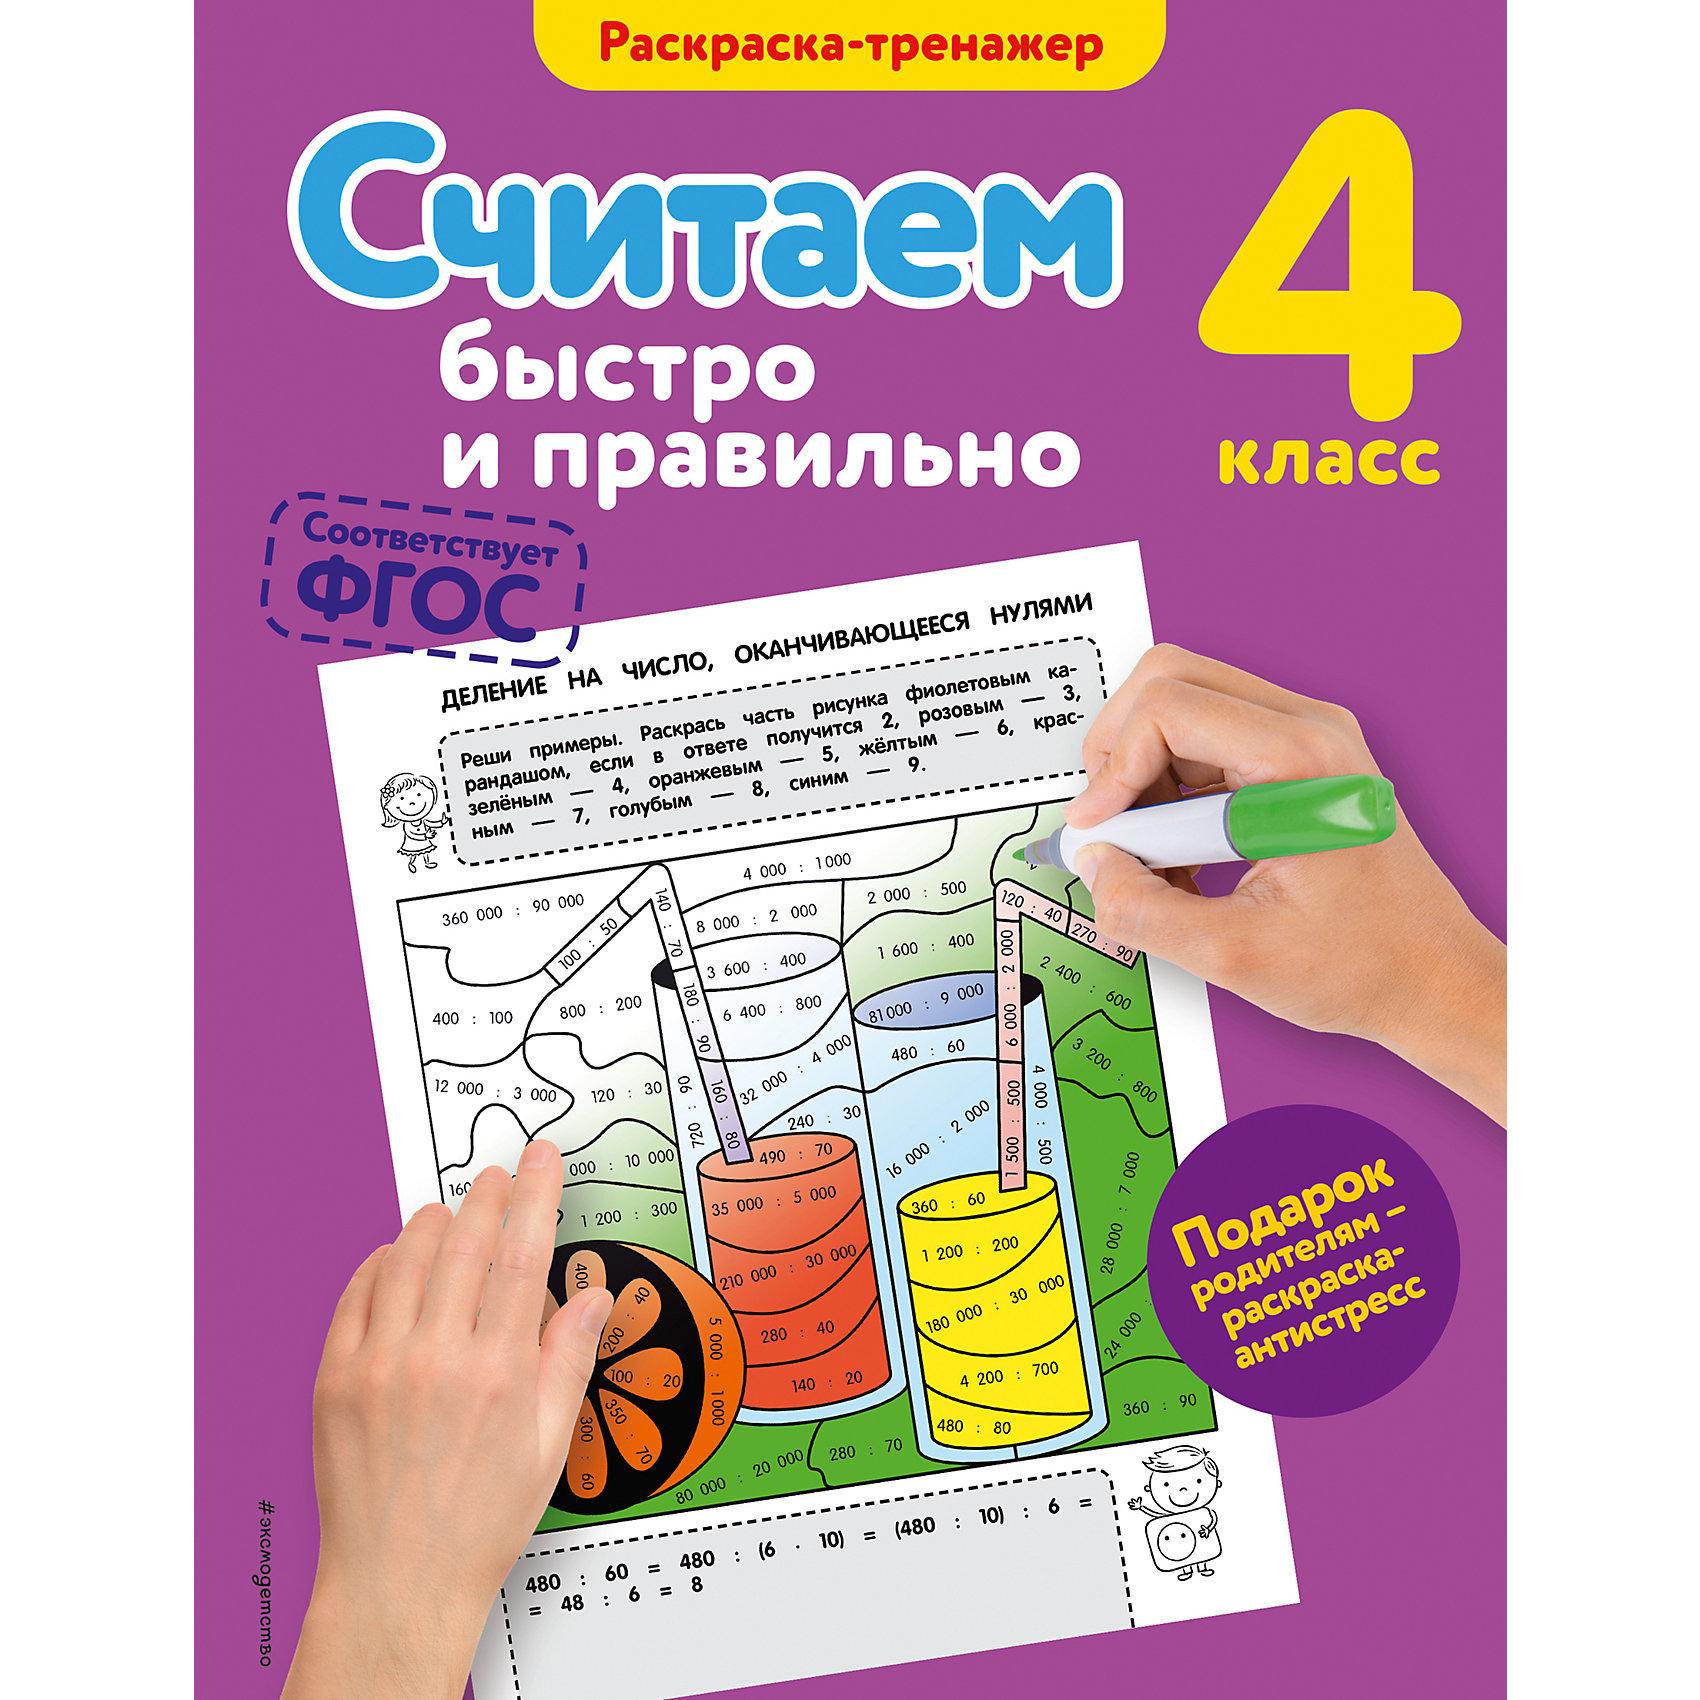 Считаем быстро и правильно, 4-й классПособие представляет собой математическую раскраску, которая поможет ученику 4-го класса закрепить навыки счета, решения примеров, и сравнения многозначных чисел, а также развить мелкую моторику, логику и внимание.<br>     В книге 31 задание на счет и раскрашивание, цветная вкладка с рисунками-ответами, раскраской-антистрессом для родителей и грамотой, которой школьник награждается за старание и любознательность. Нестандартная подача материала в пособии поможет увеличить эффективность занятий.<br><br>Ширина мм: 255<br>Глубина мм: 197<br>Высота мм: 2<br>Вес г: 114<br>Возраст от месяцев: 120<br>Возраст до месяцев: 132<br>Пол: Унисекс<br>Возраст: Детский<br>SKU: 5098439